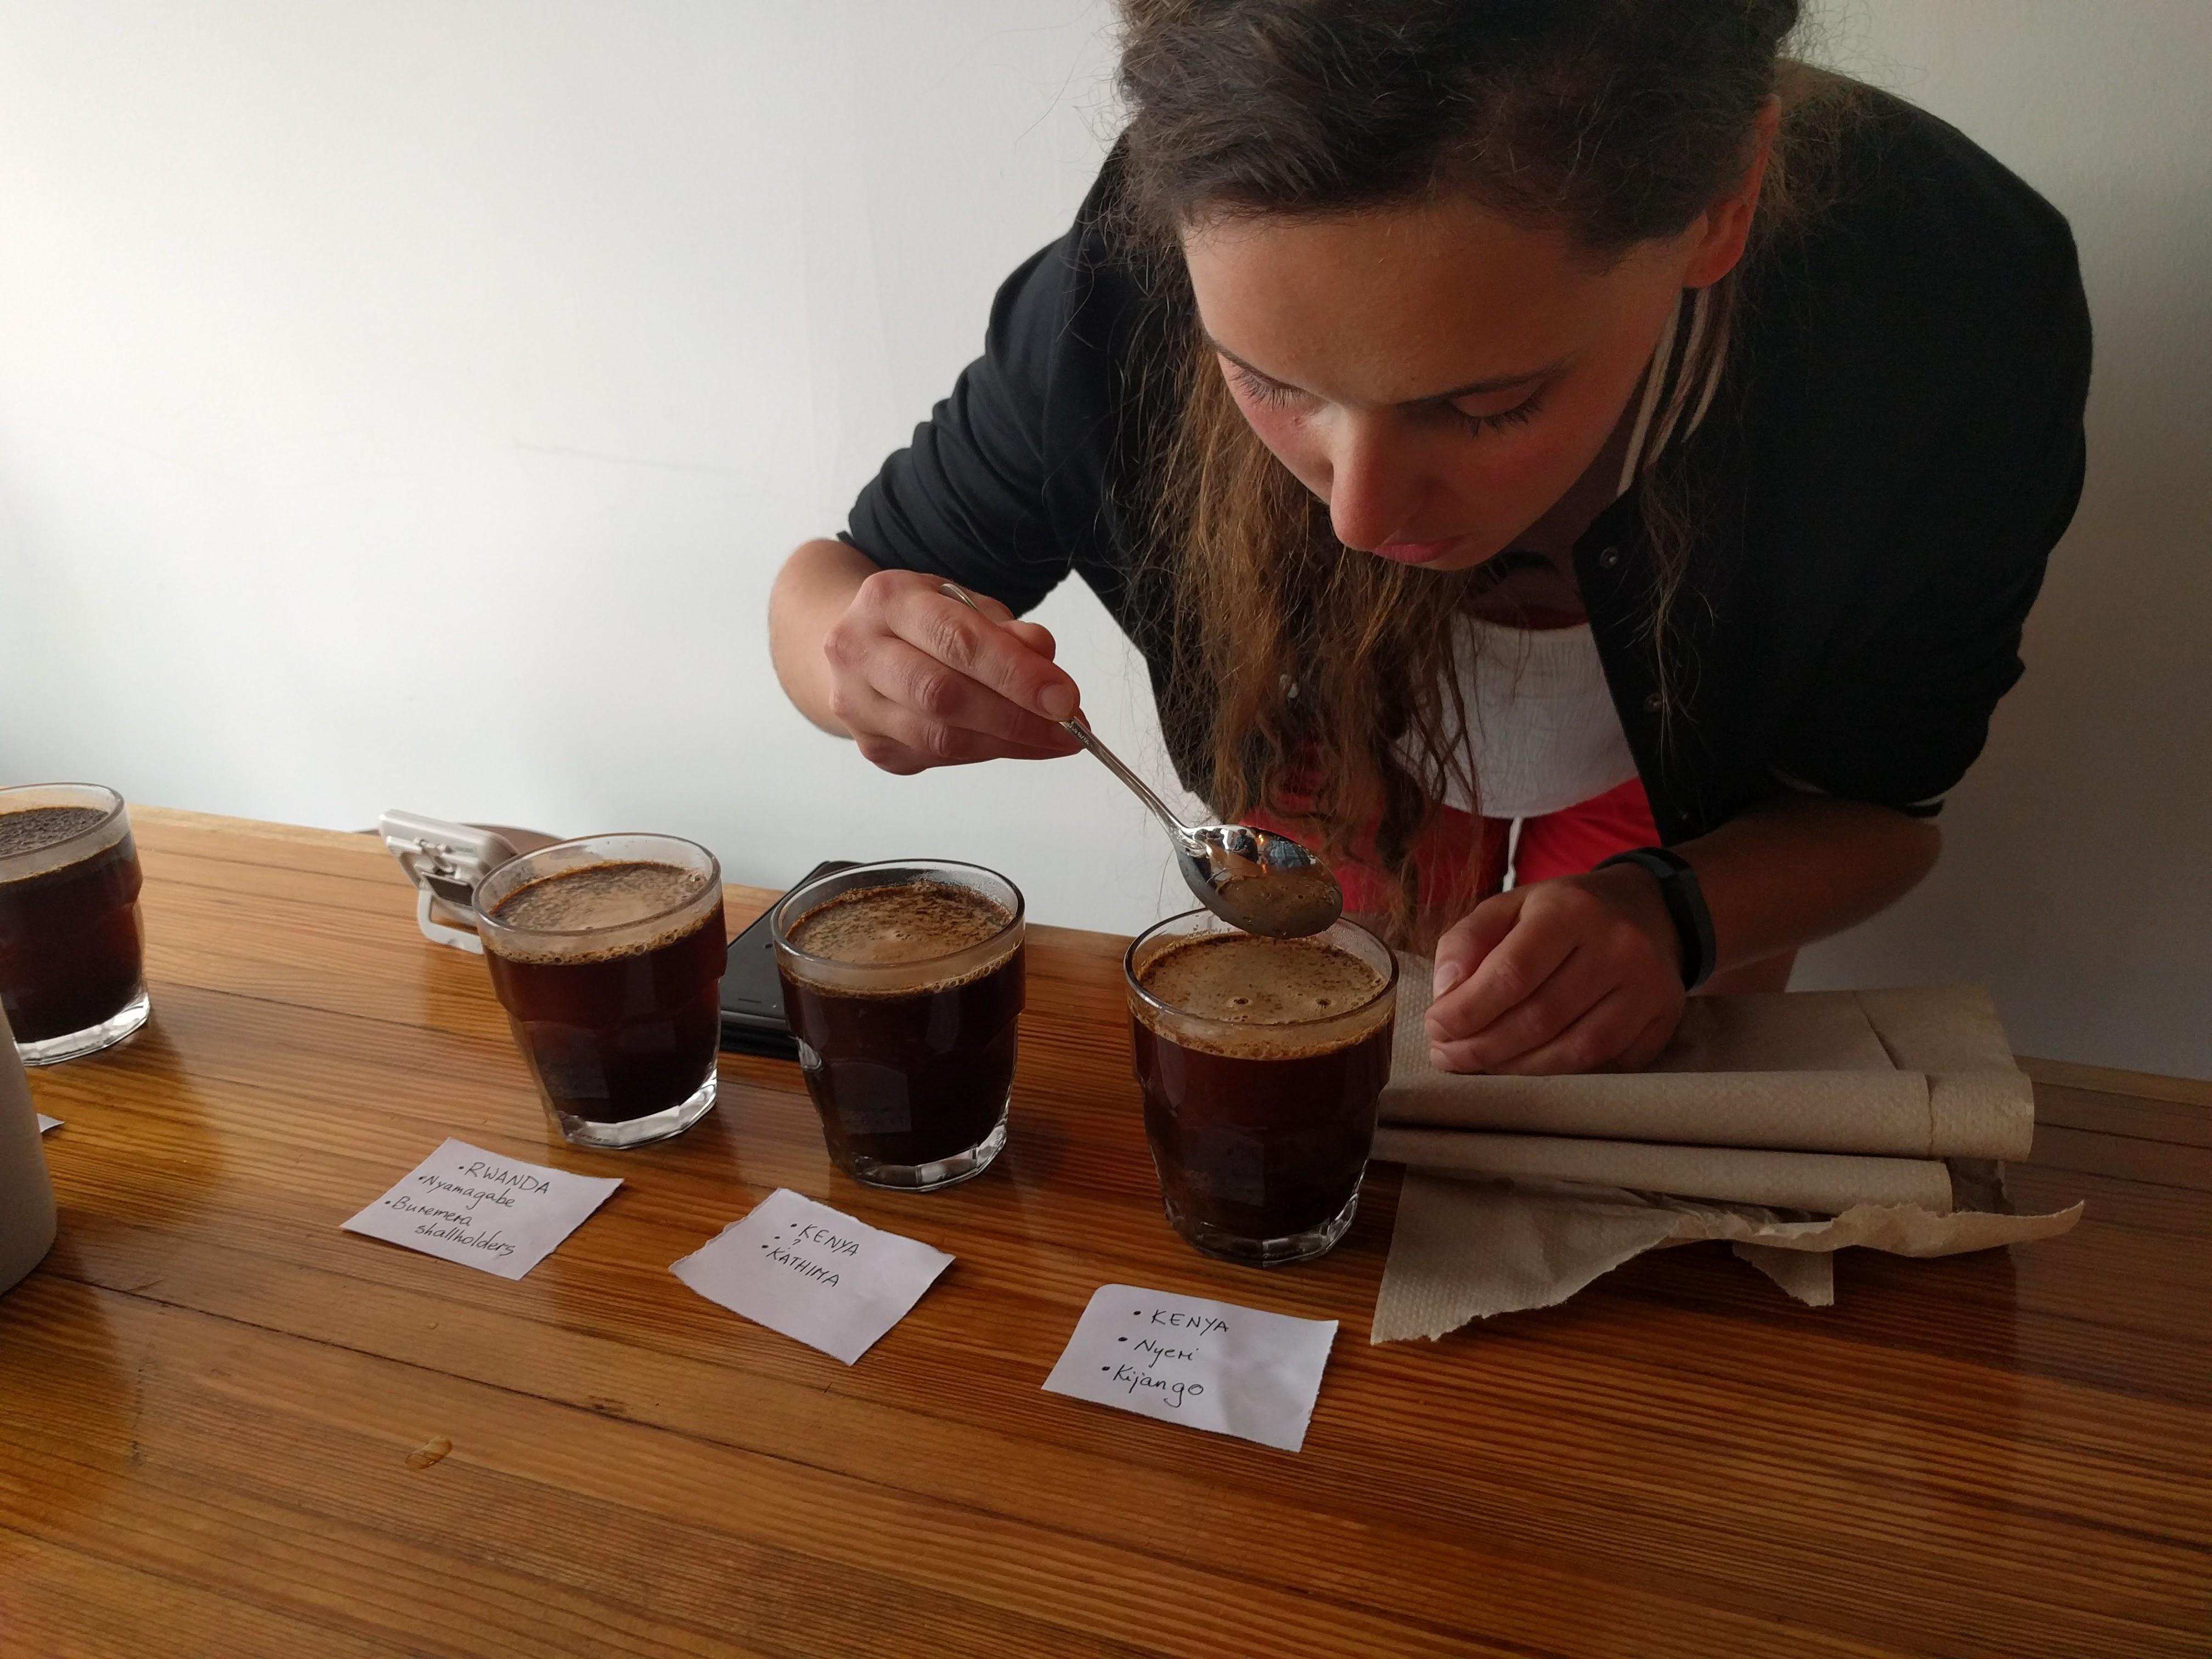 caffeeine